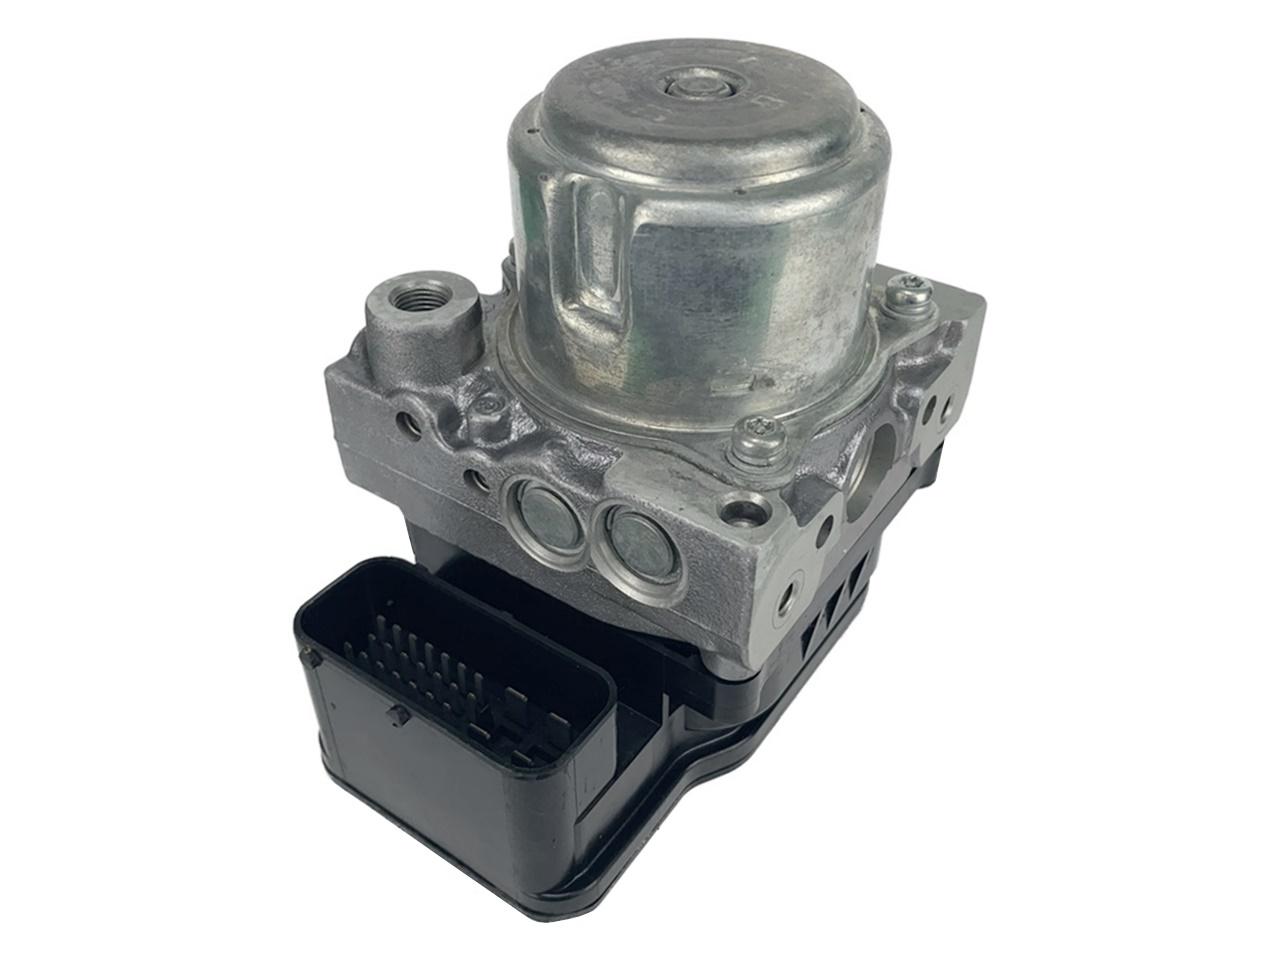 Unidade hidraulica Bomba Modulo Central Centralina de Freio Abs Original tm6m2 Honda New Fit Civic City 06 07 08 09 010 011 012